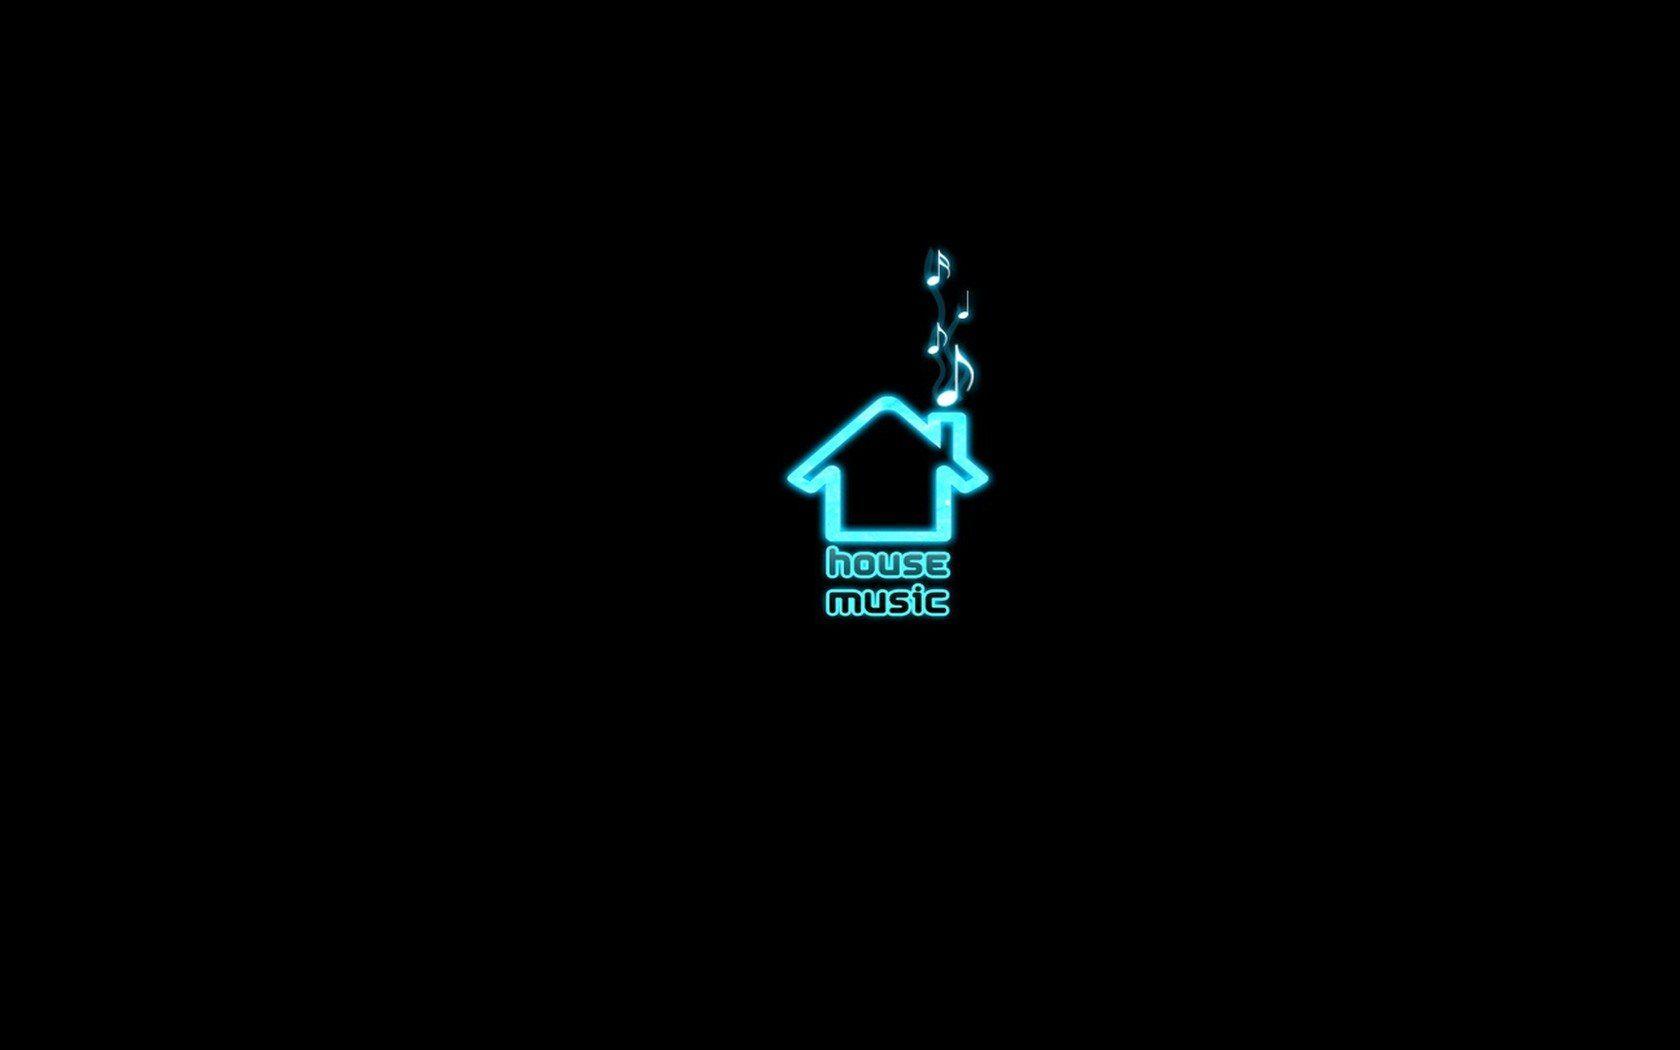 House Music Wallpaper HD Widescreen